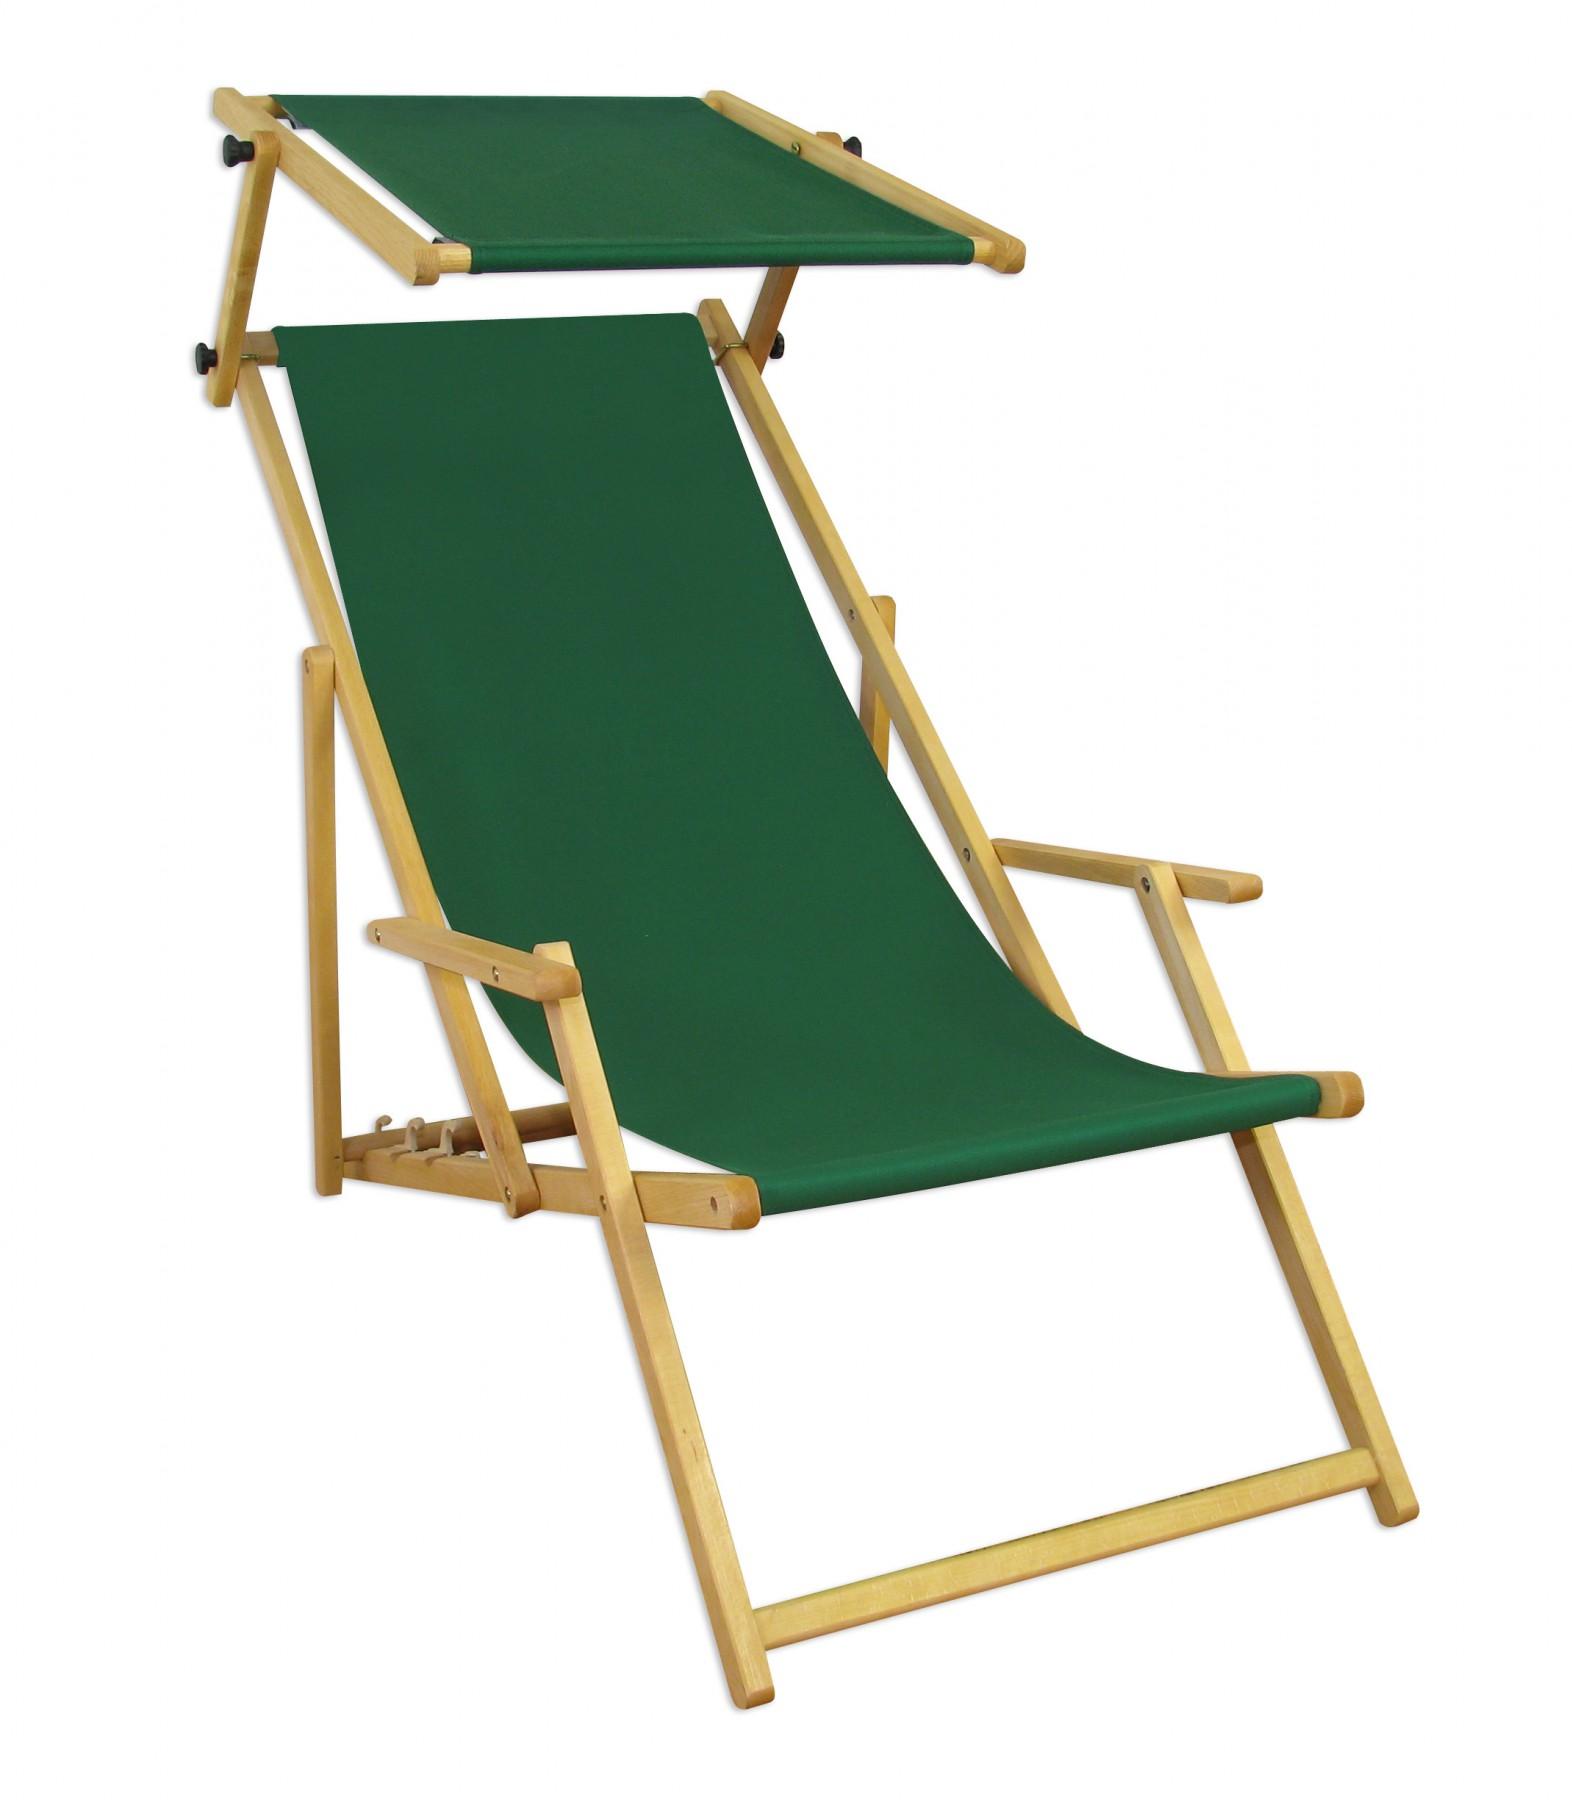 Full Size of Gartenliege Schaukel Amazon Holz Schaukelliege Schaukeln Schaukelstuhl Doppel Liegestuhl Mit Schaukelfunktion Für Garten Kinderschaukel Wohnzimmer Gartenliege Schaukel